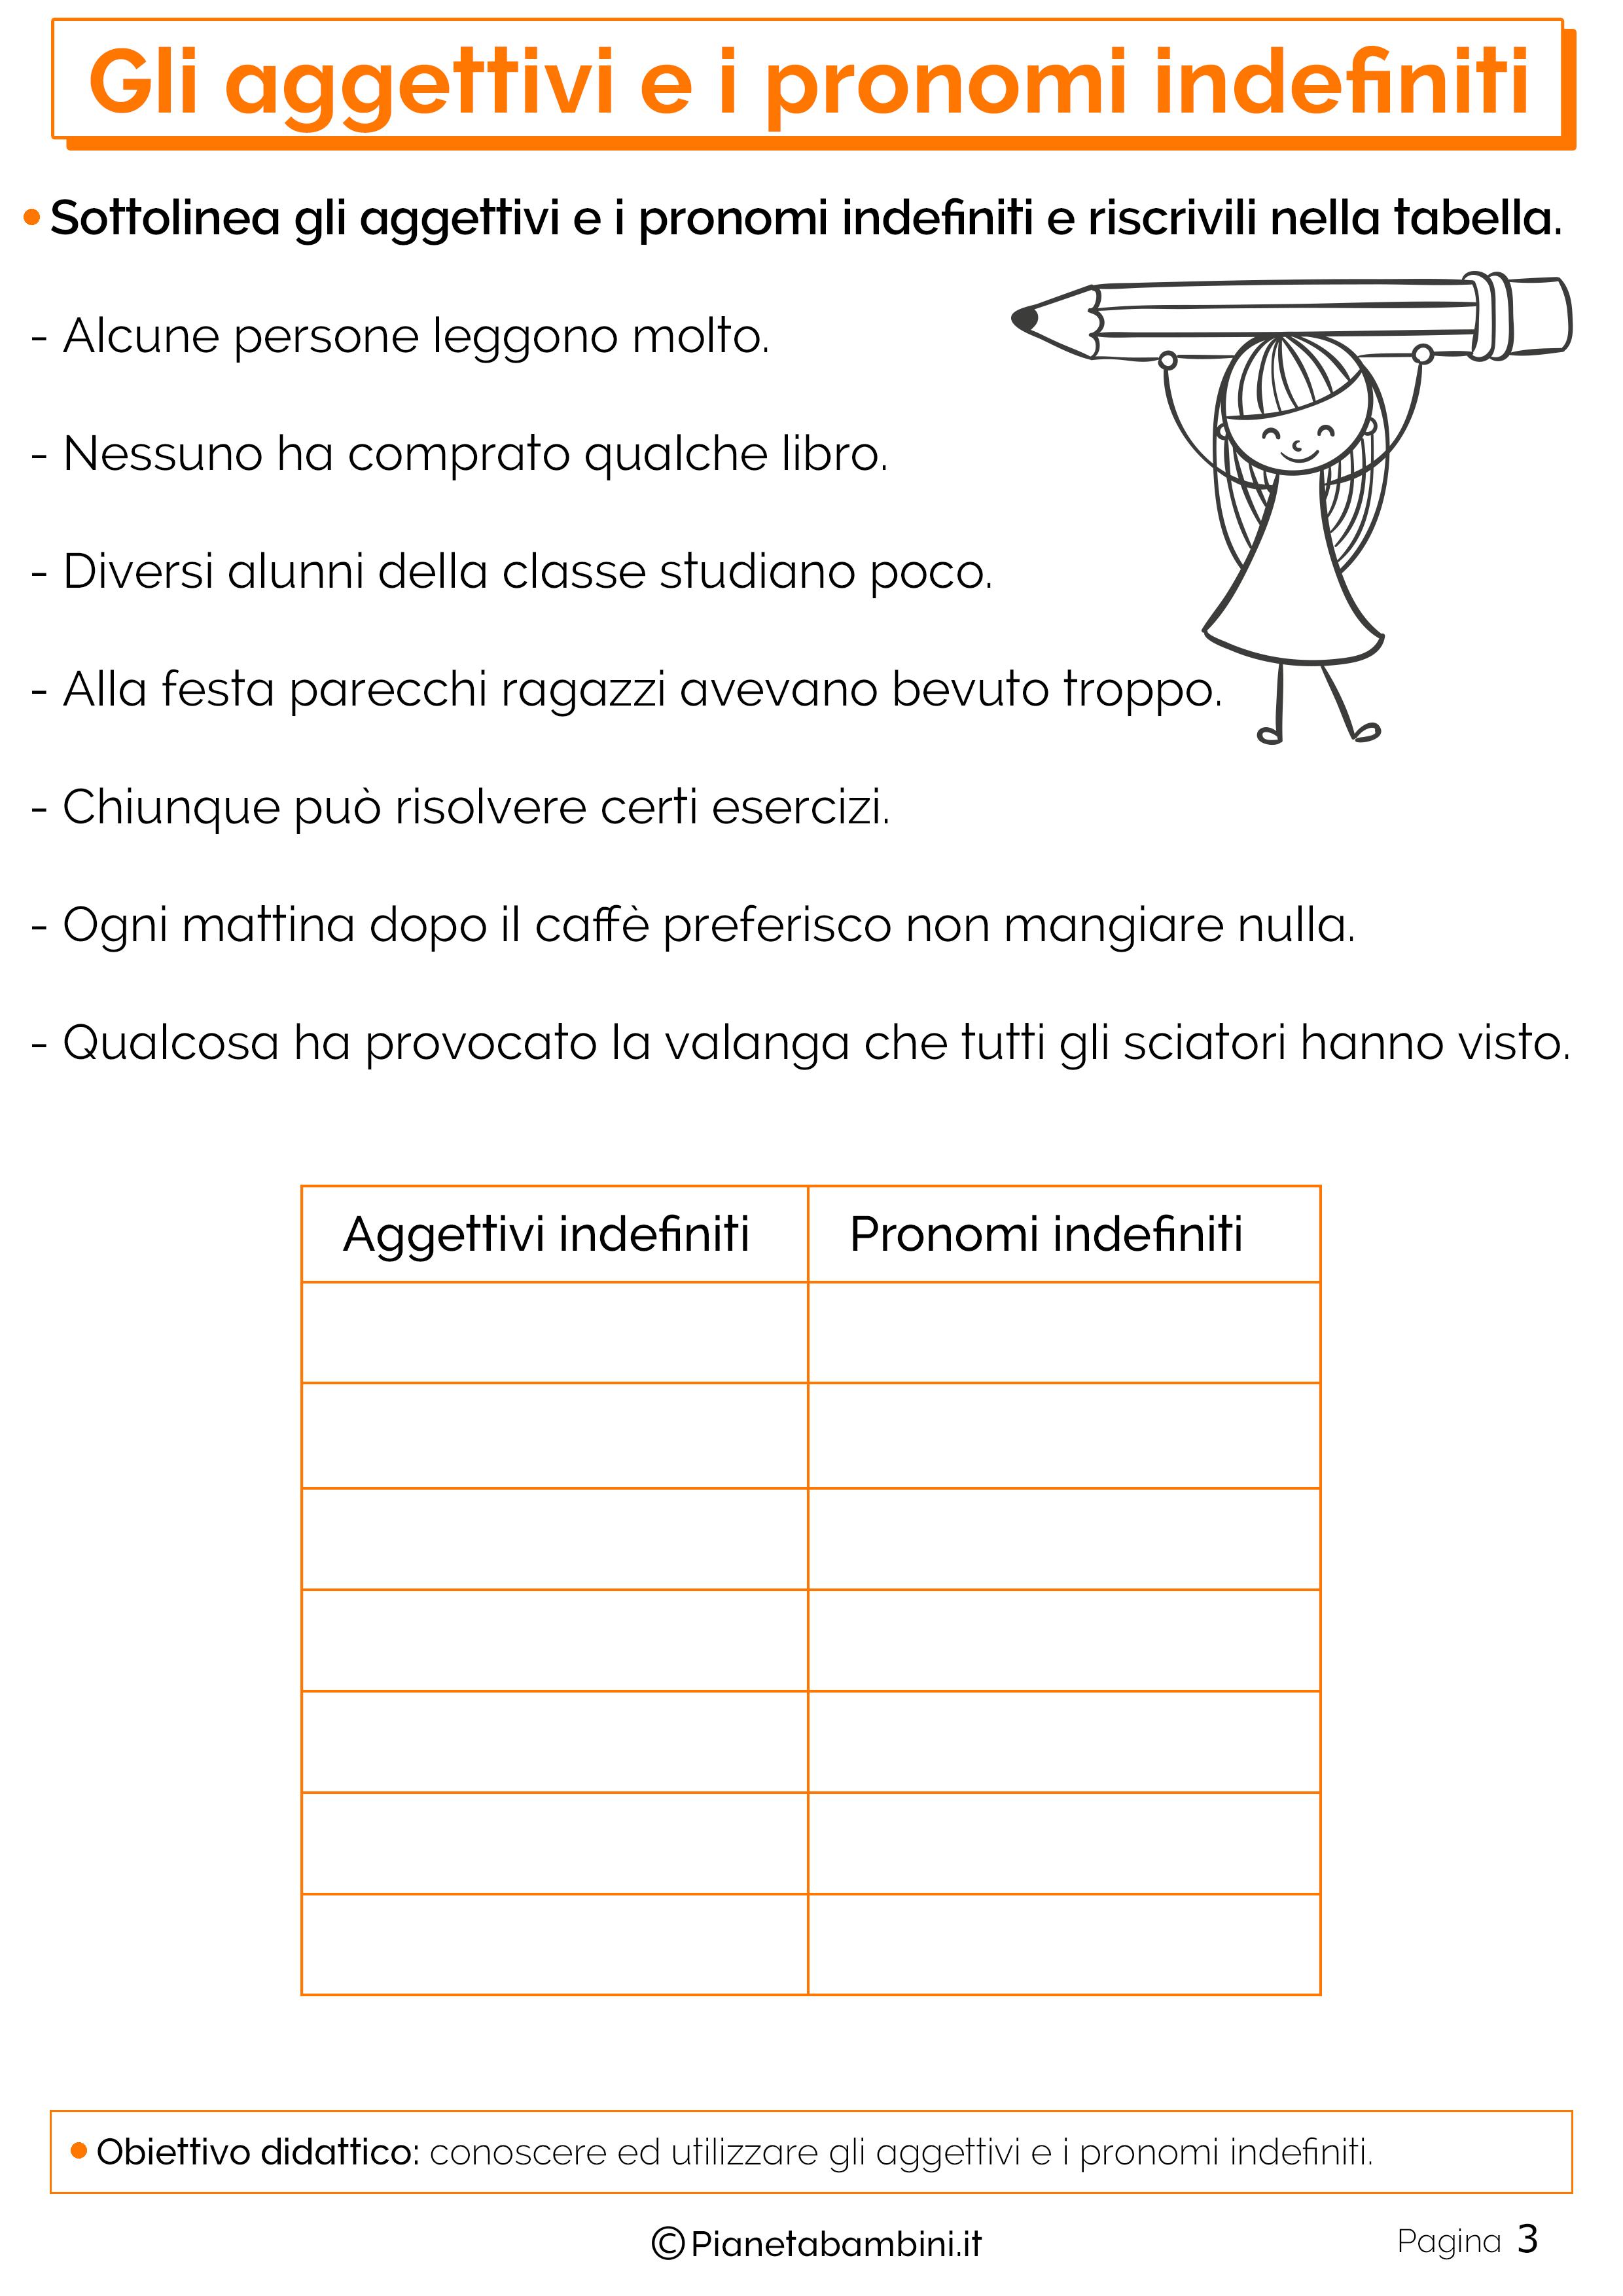 Esercizi sugli aggettivi e i pronomi indefiniti 3